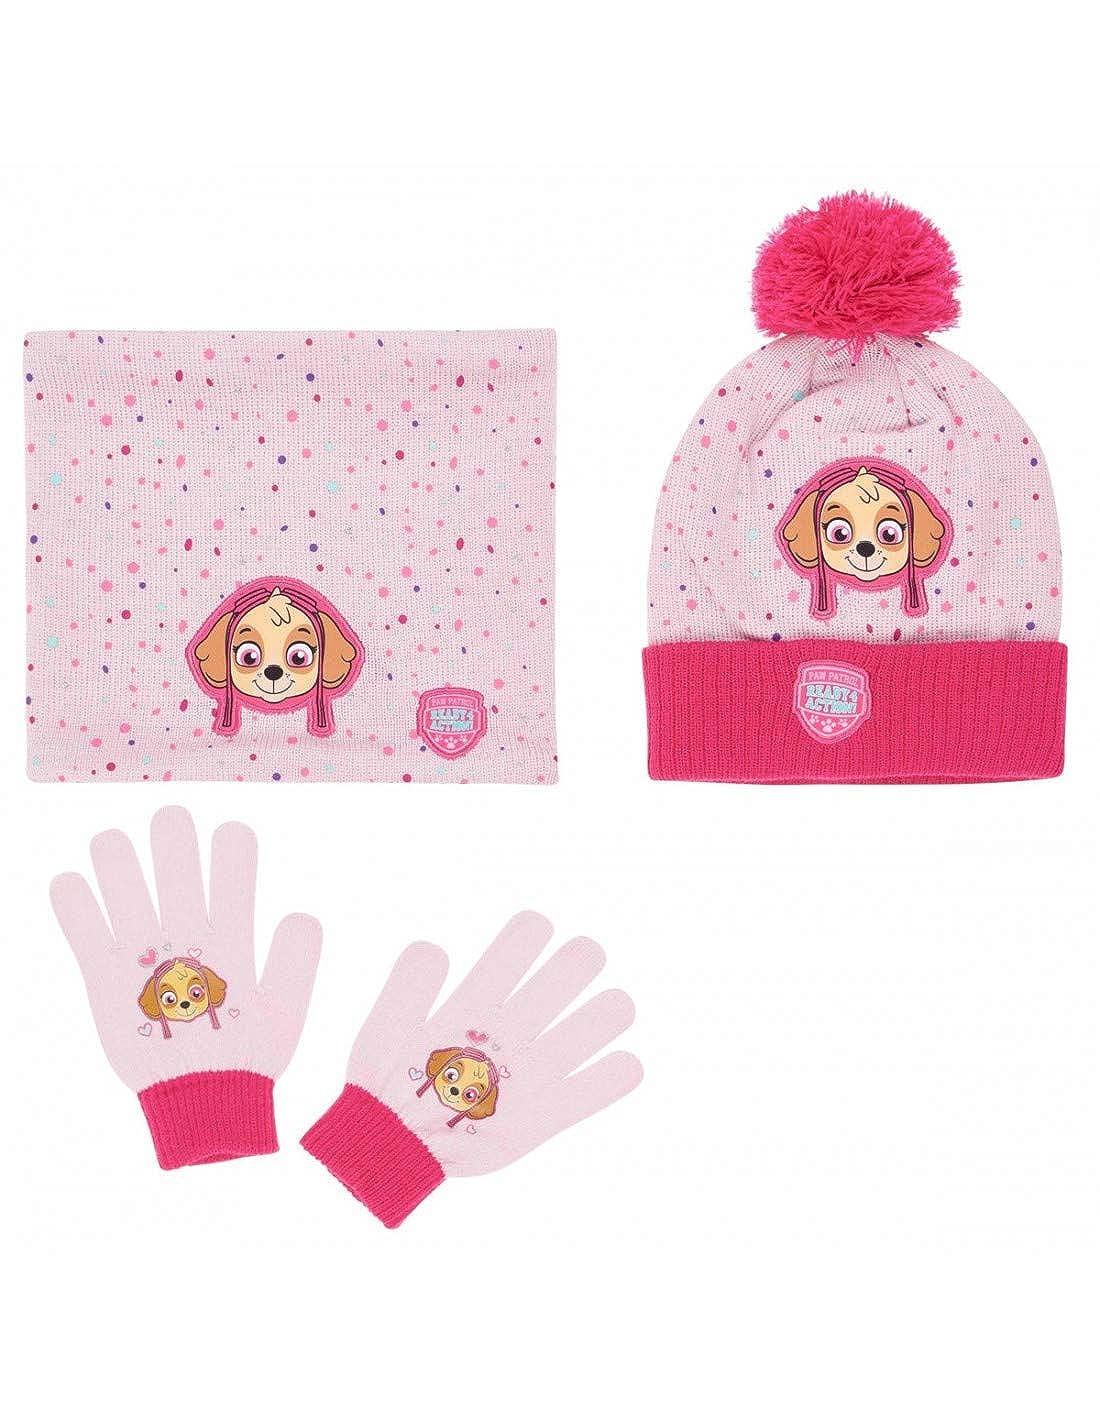 La Pat  Patrouille Ensemble Snood, bonnet et gants enfant fille Rose de 3 à  9ans - Rose, 54 cm (6-8 ans)  Amazon.fr  Vêtements et accessoires 322a4b22aa5